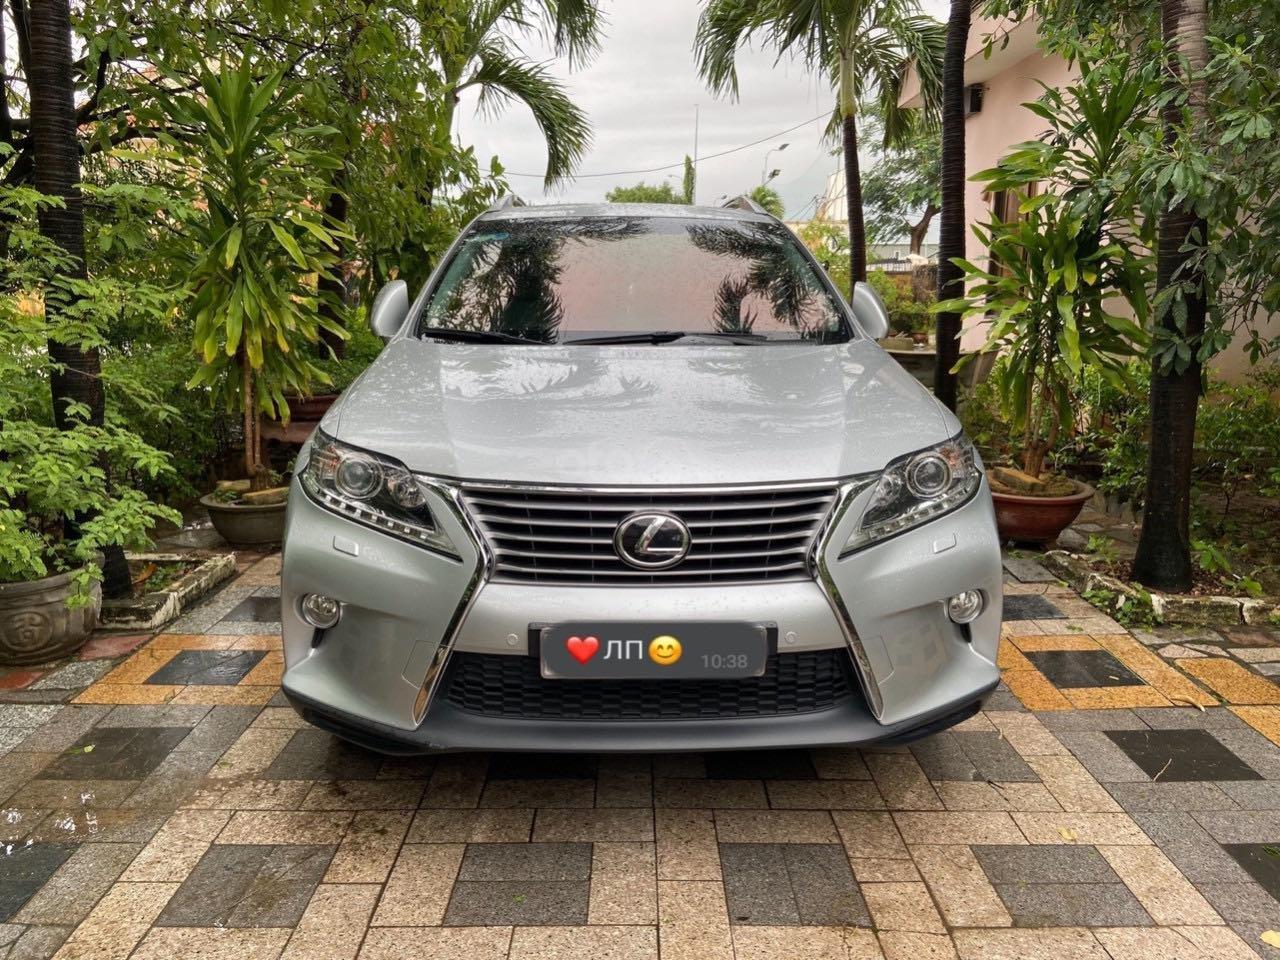 Cần bán lại xe Lexus RX năm 2015, màu bạc, xe nhập khẩu, đi giữ gìn, mới 99,9% bao test (2)